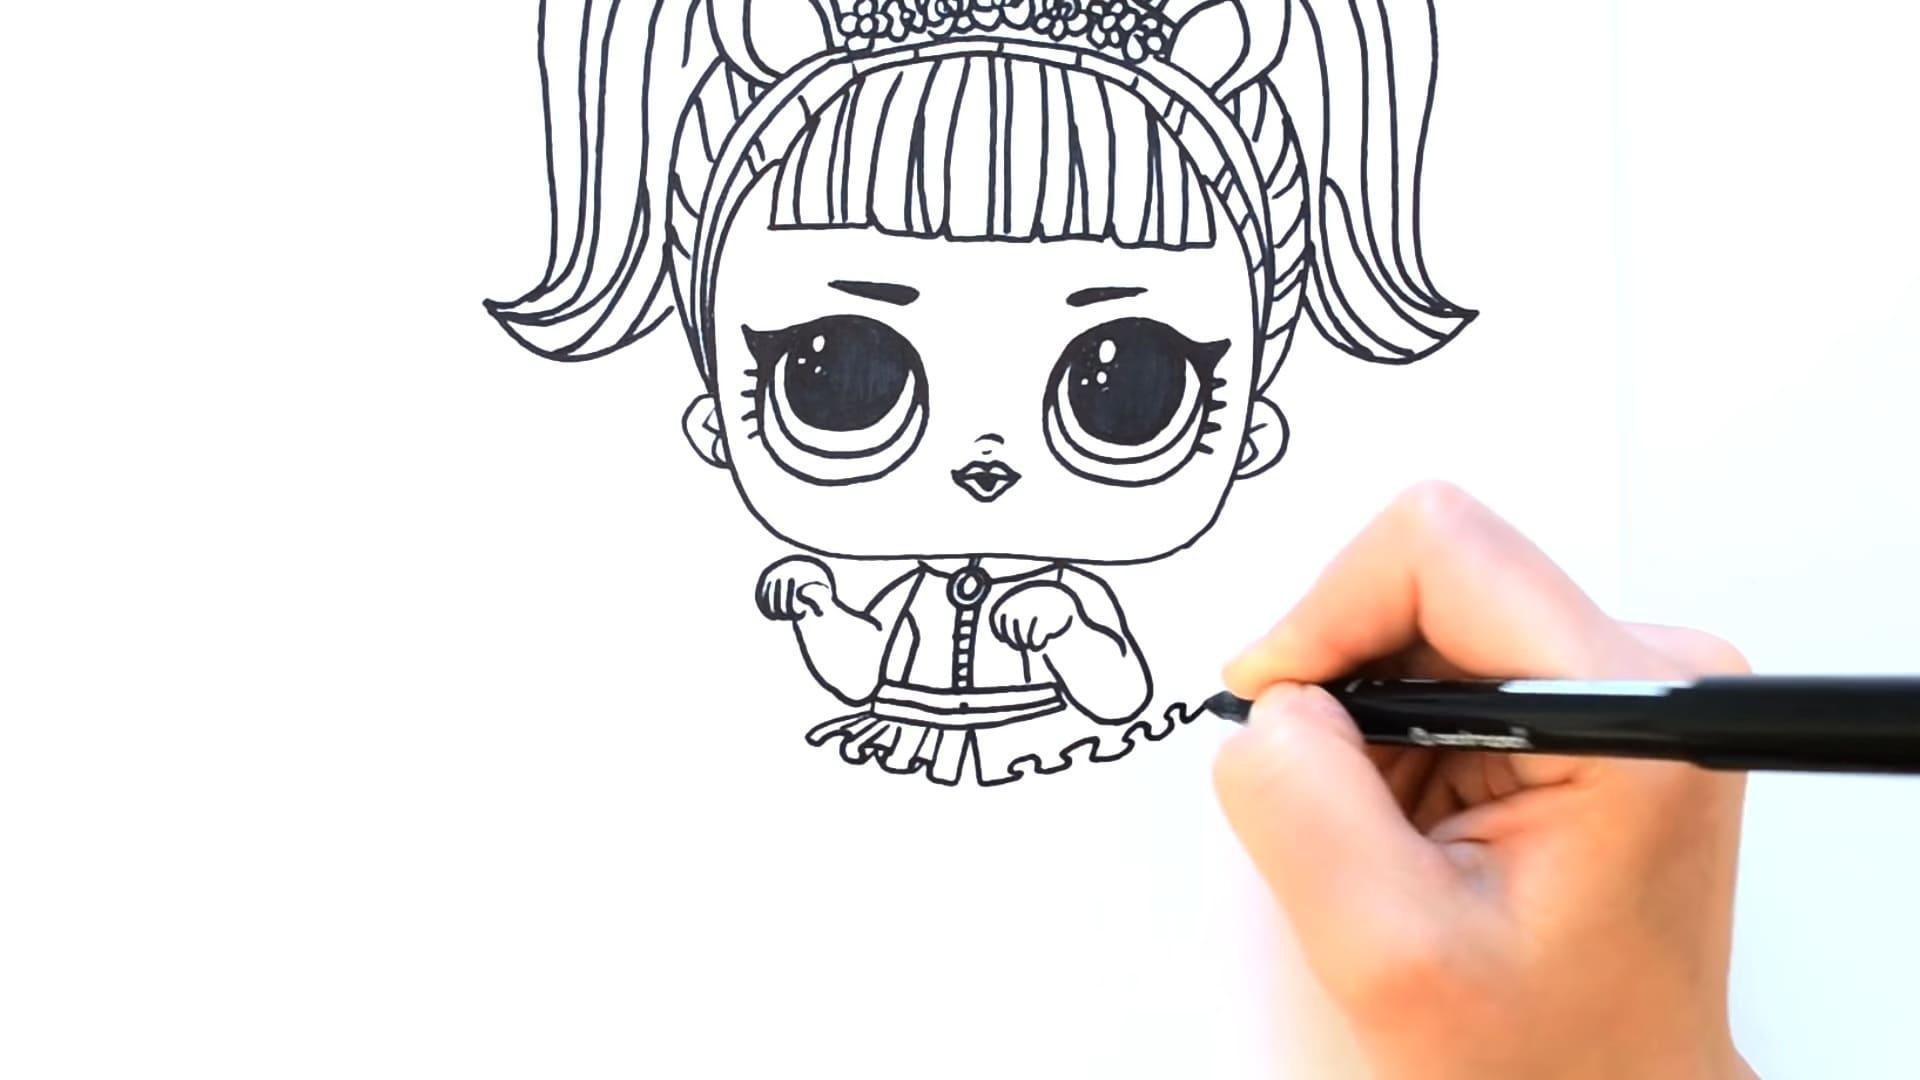 Как нарисовать куклу ЛОЛ поэтапно карандашом. Быстро и легко